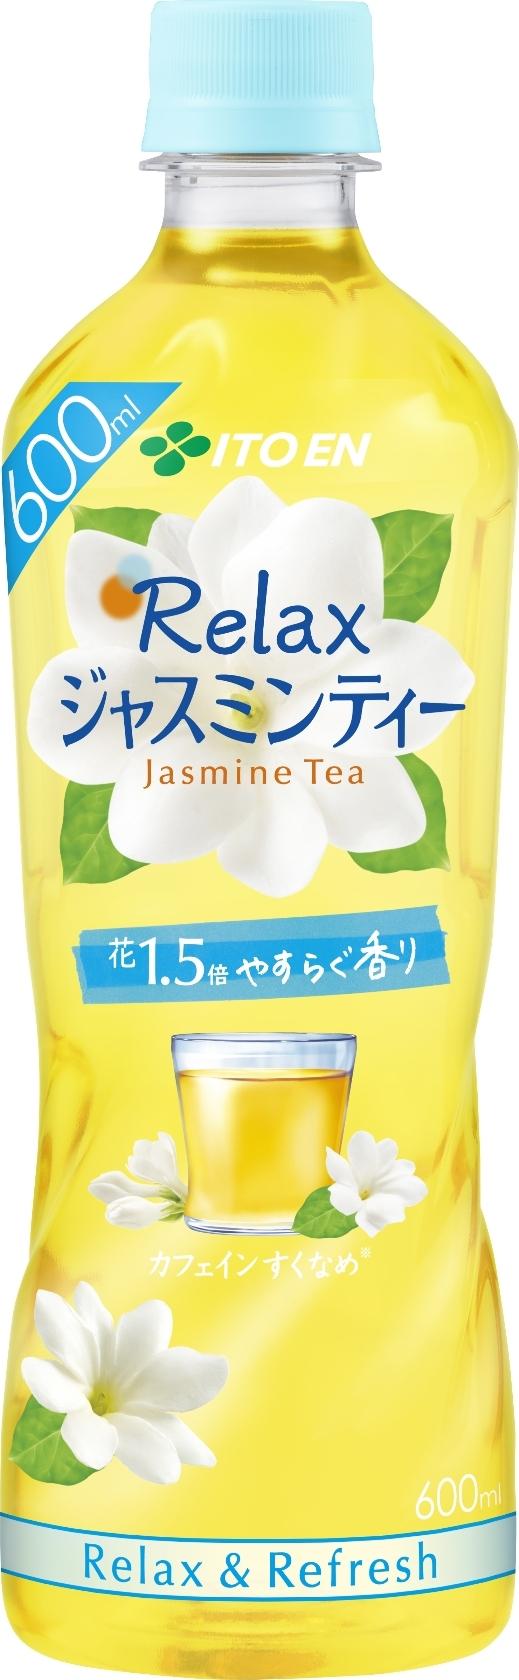 伊藤園 Relax ジャスミンティー